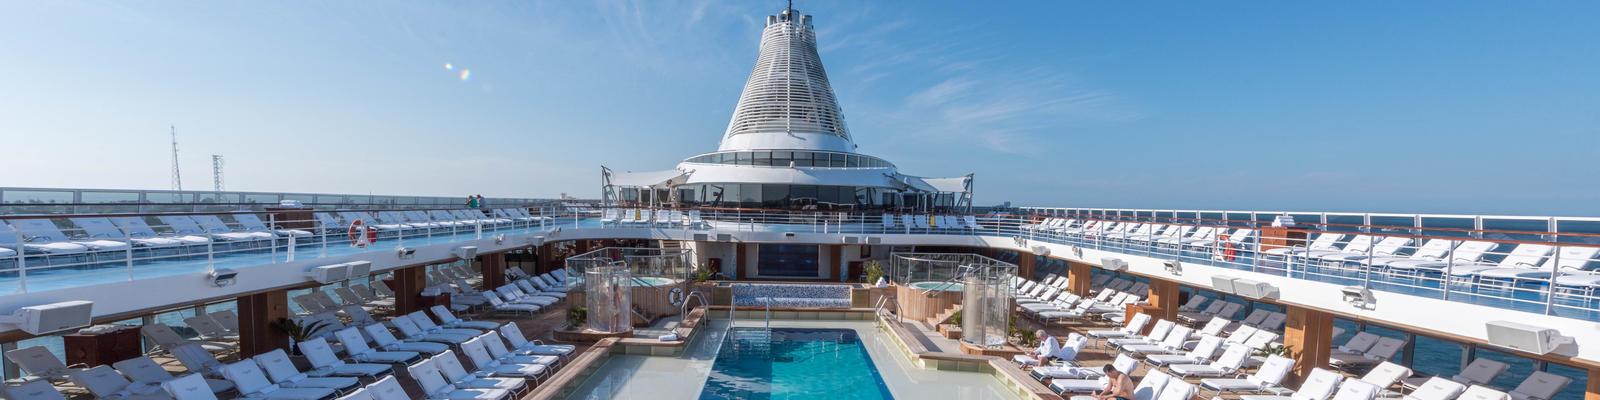 The Pool on Oceania Marina (Photo: Cruise Critic)